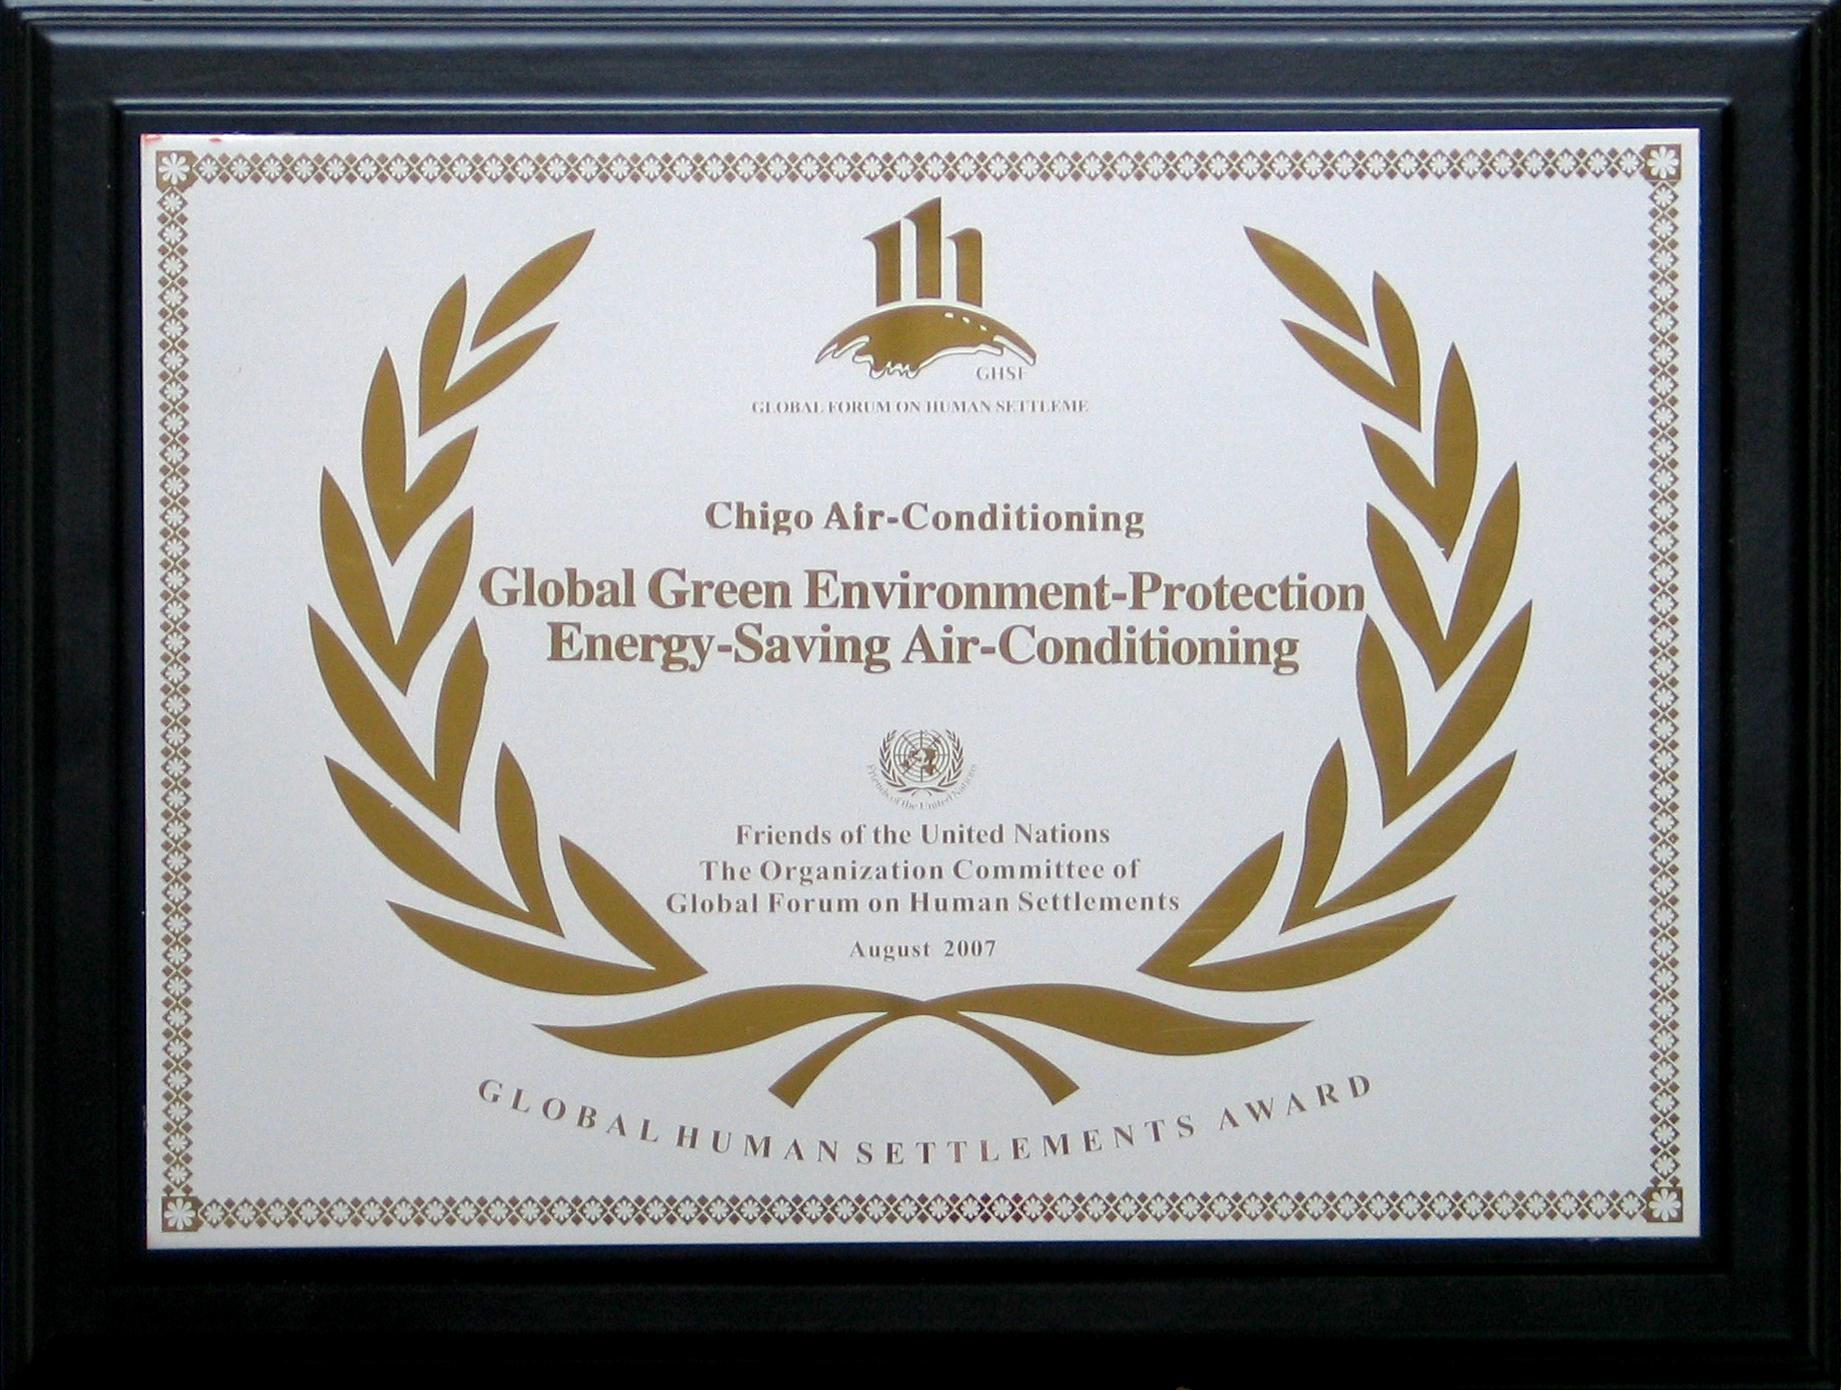 UN Green Environmental-Protection Award